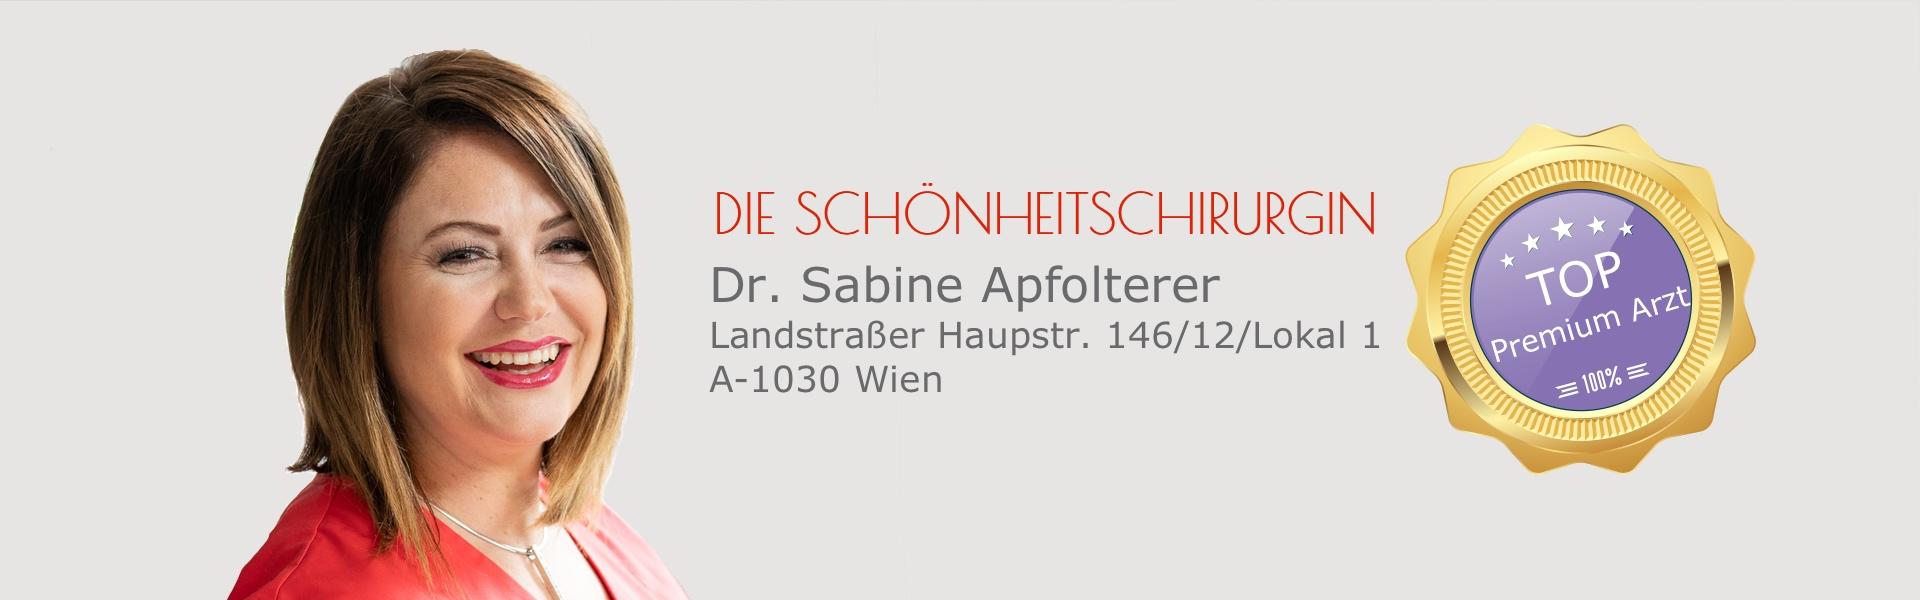 Dr. Sabine Apfolterer, MBA - Die Schönheitschirurgin